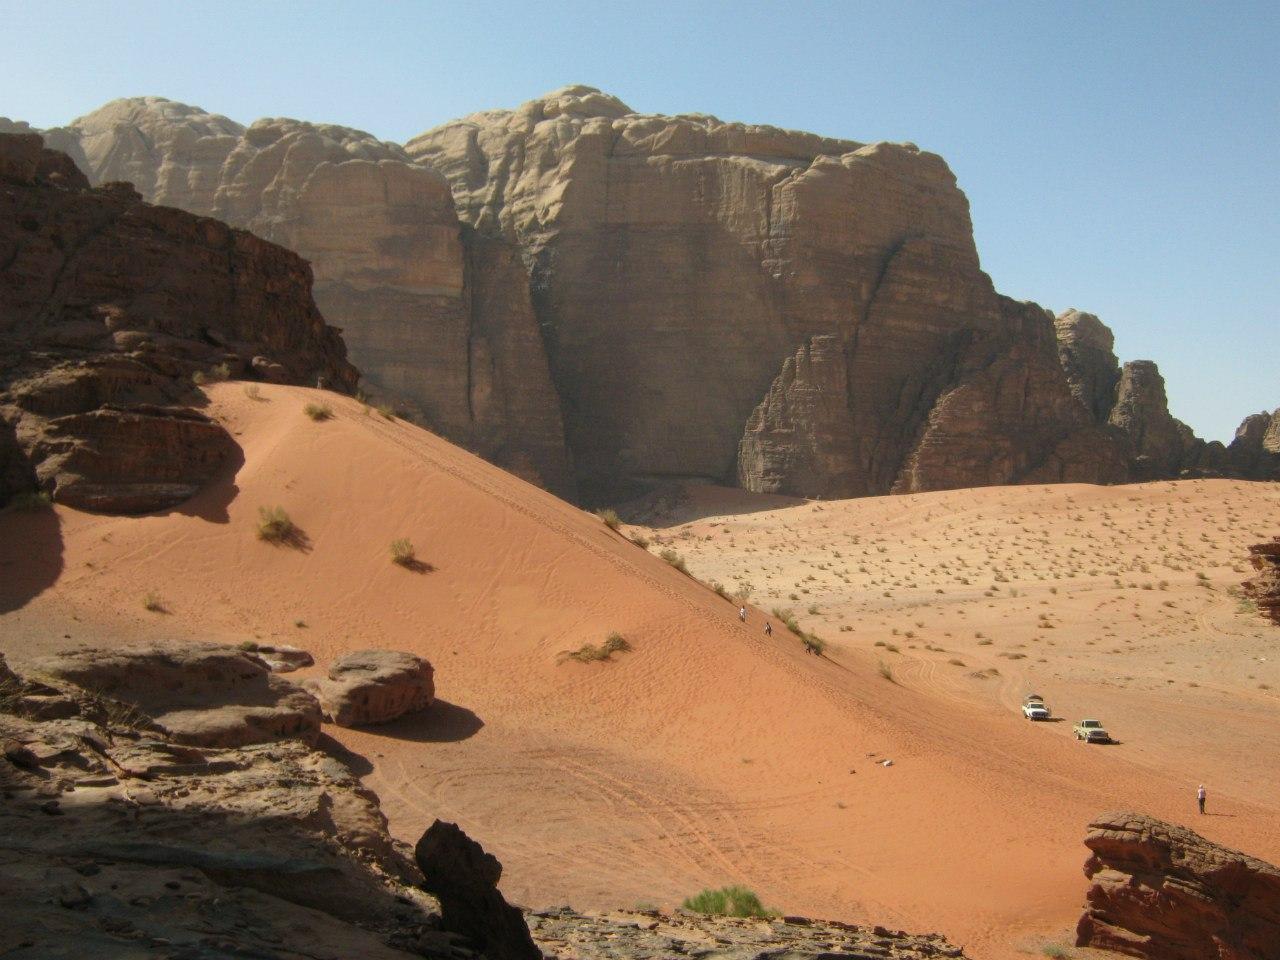 дюны и туристы в Вади Рам